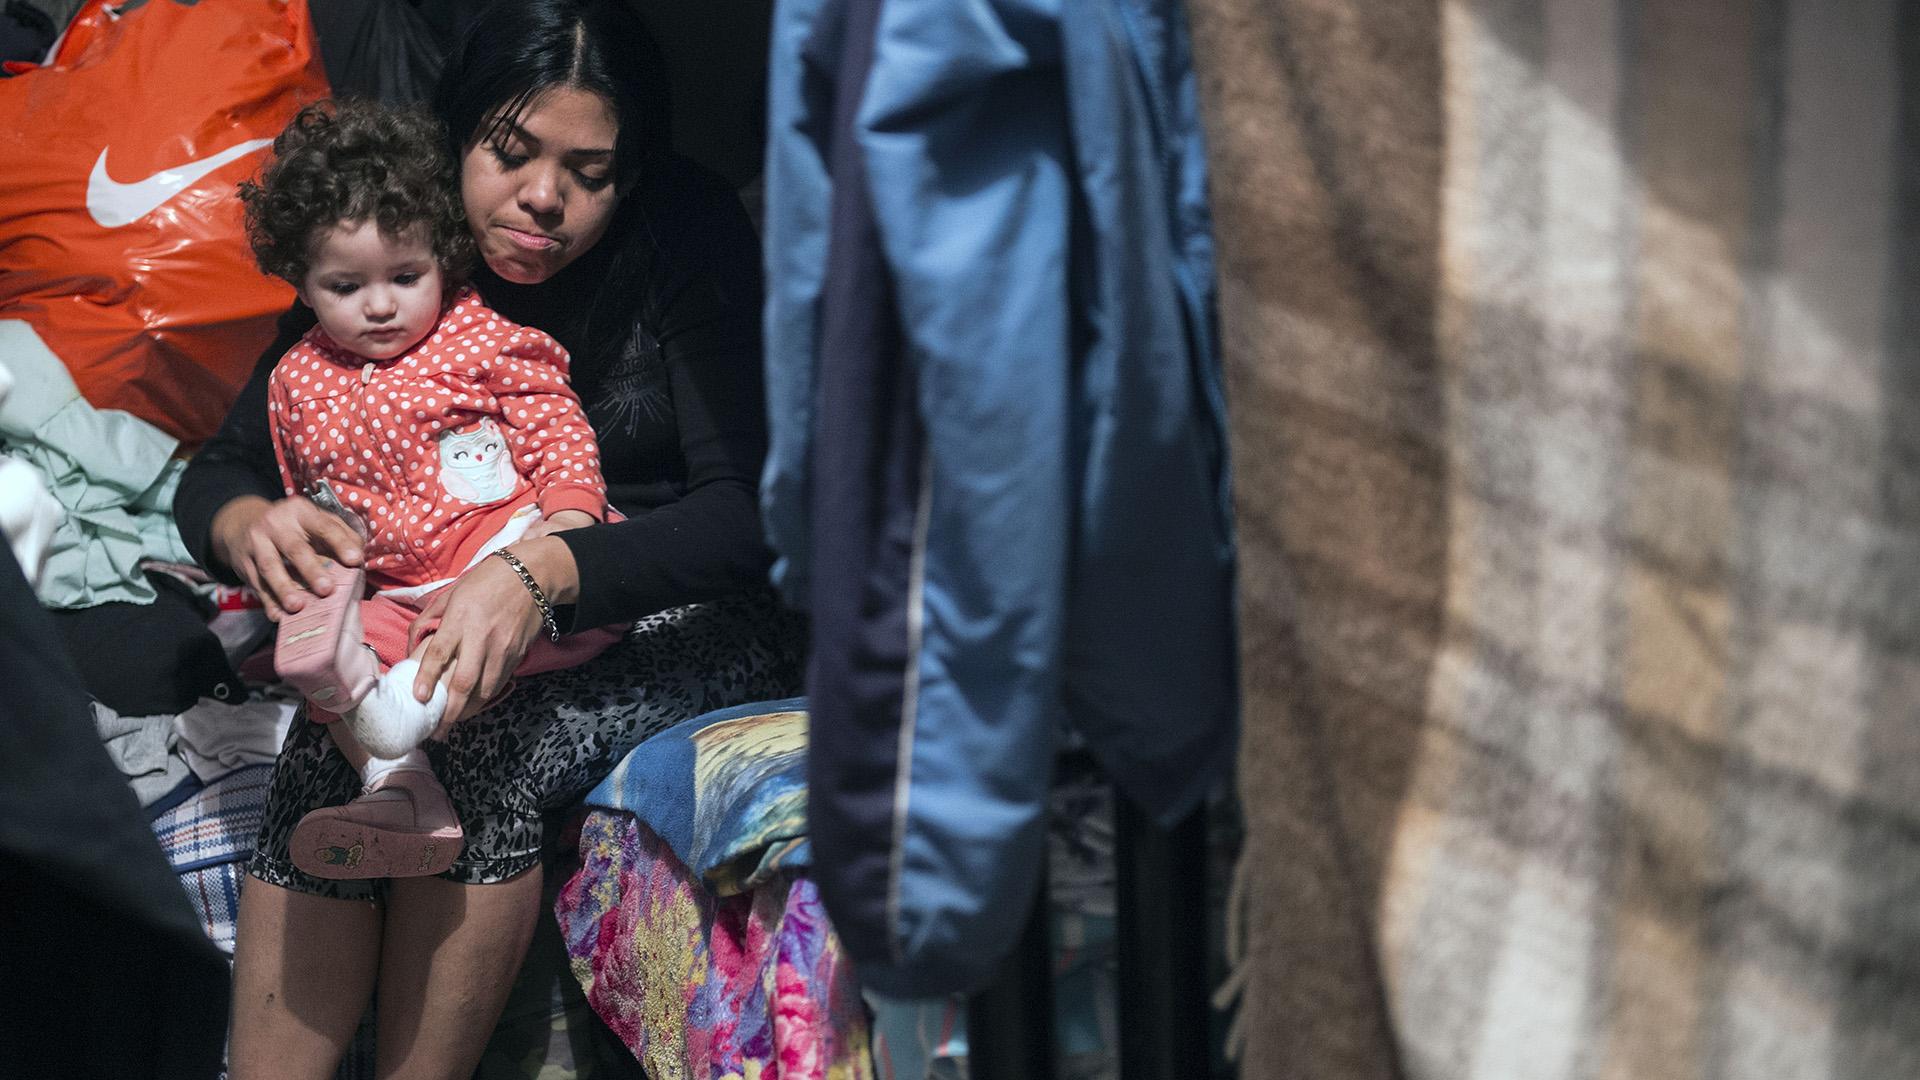 """""""No se les cobra un centavo por esta aquí. Lo único que es les pide es colaboración con la limpieza"""", indica el samaritano, que vivió la dura experiencia de ser migrante en Japón y Corea del Sur en la década de 1990"""